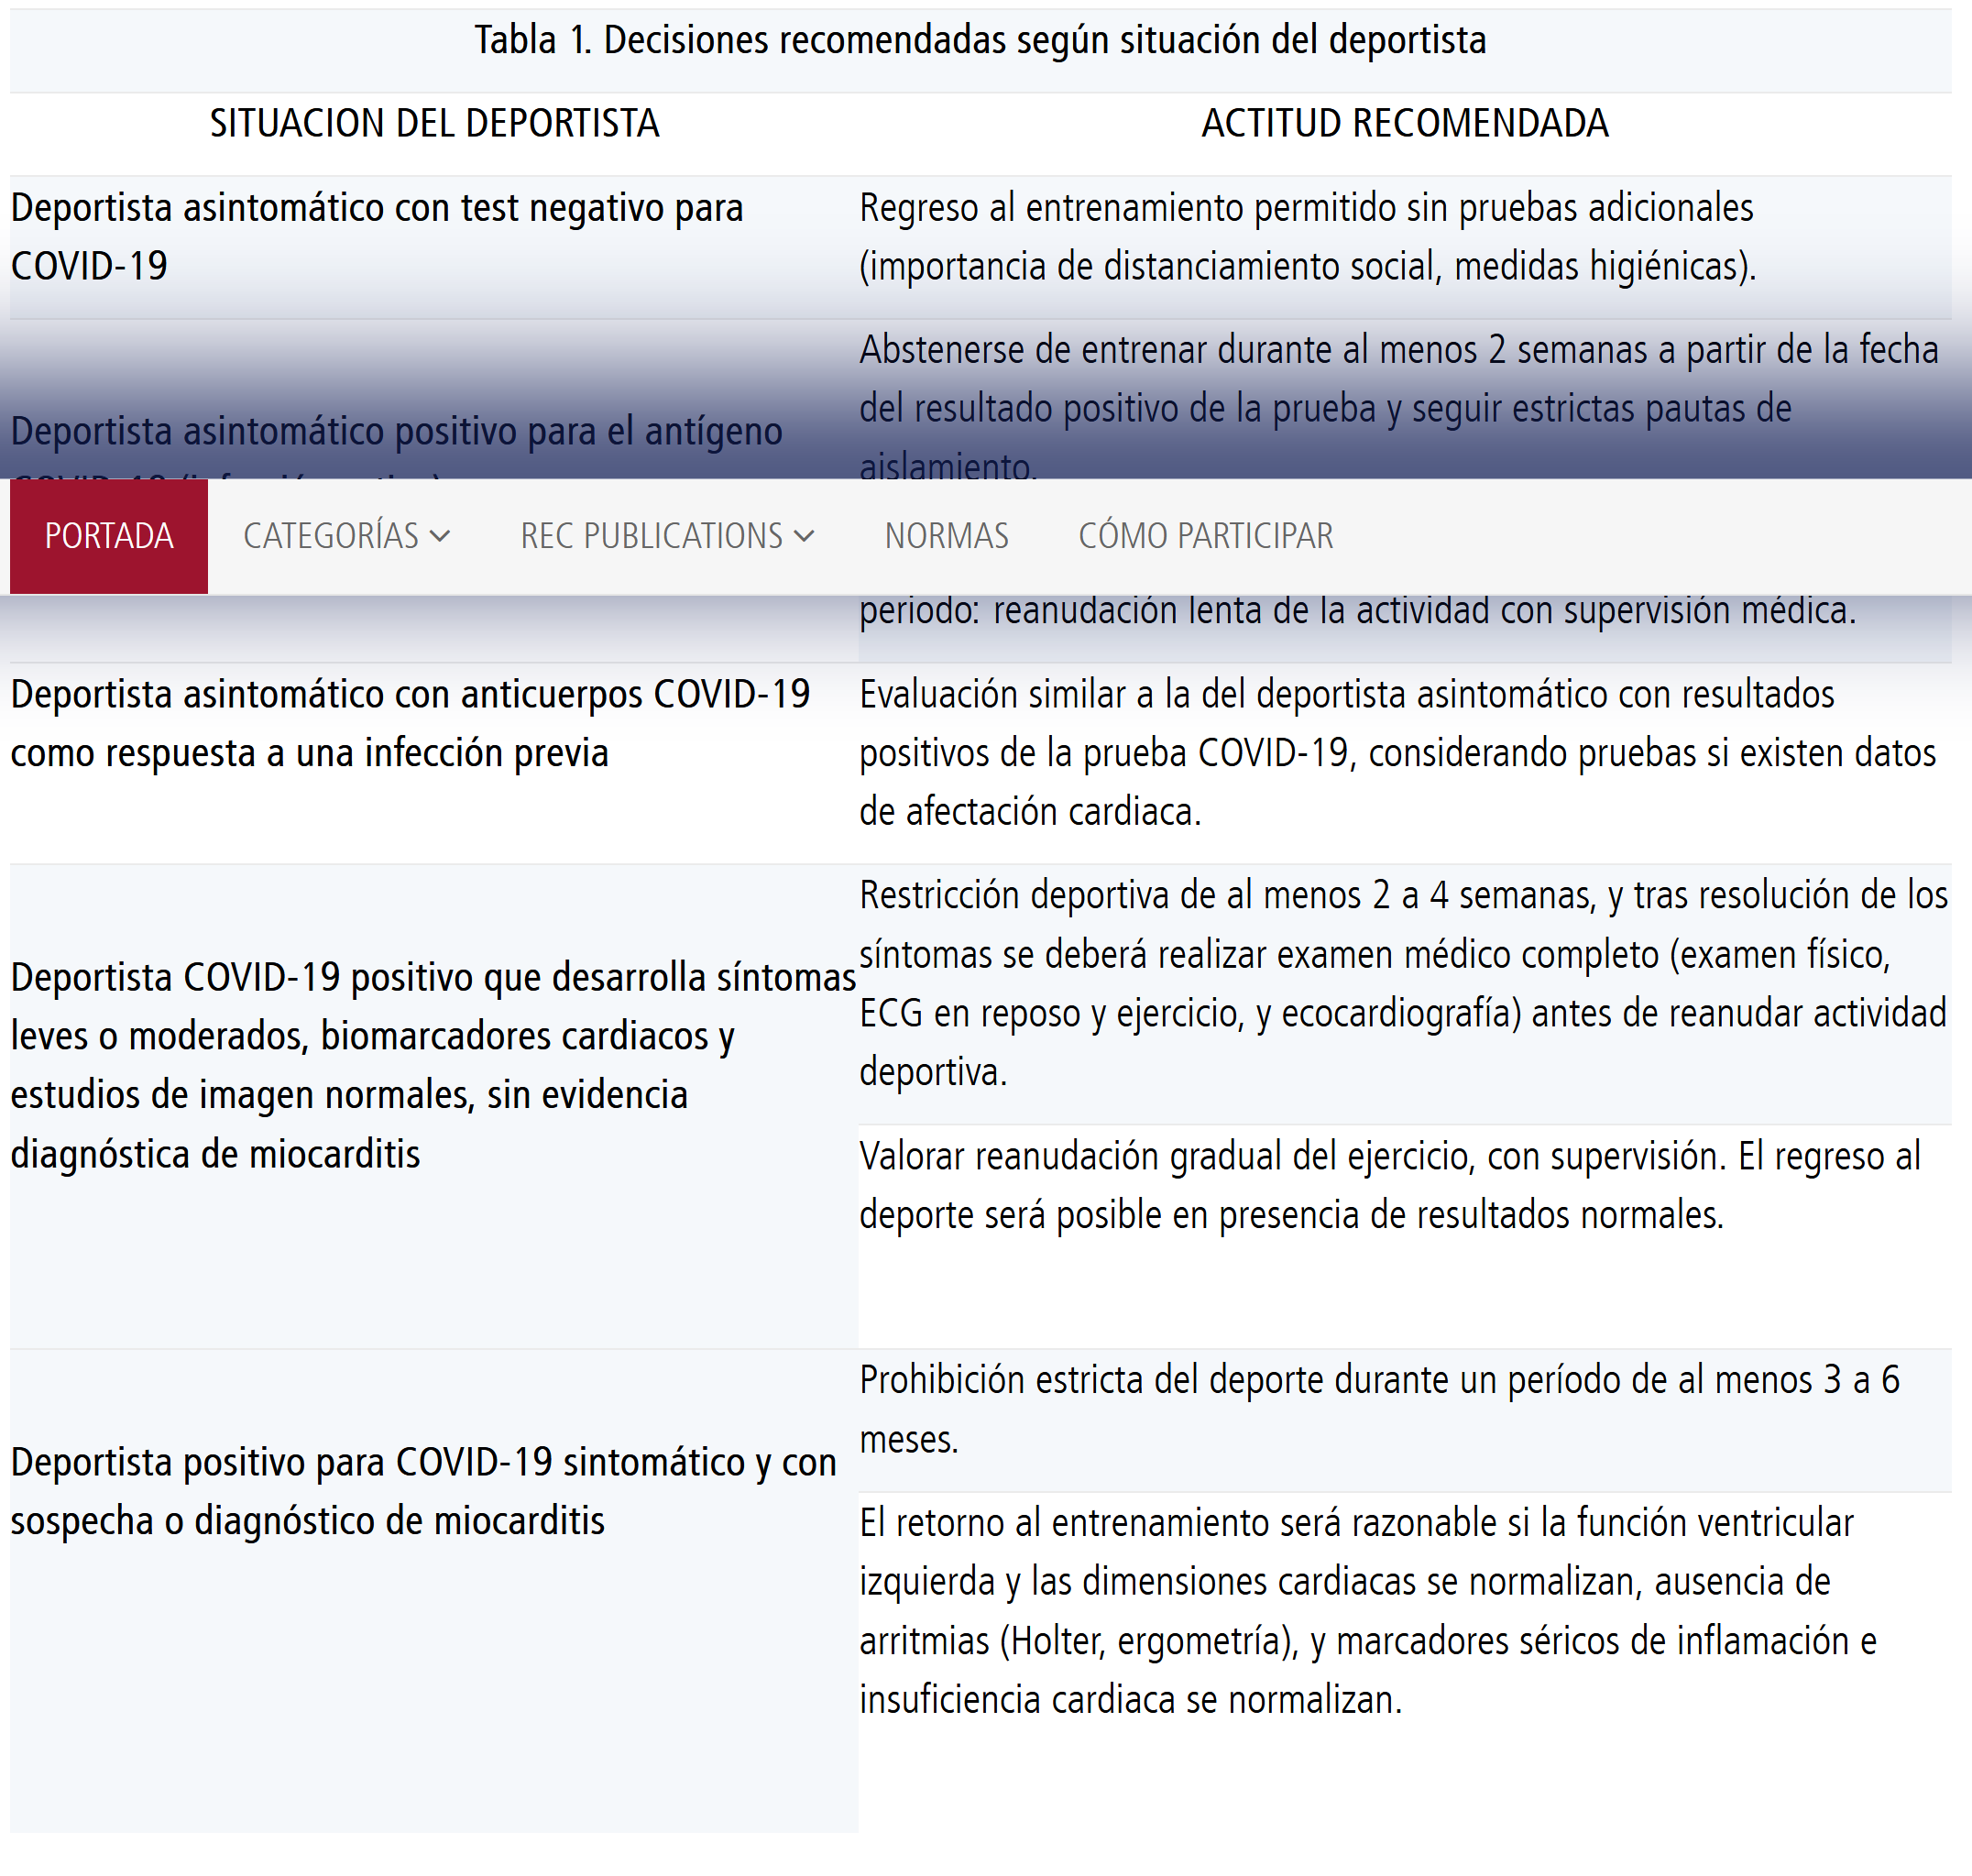 Deportista positivo para COVID-19 sintomático y con sospecha o diagnóstico de miocarditis